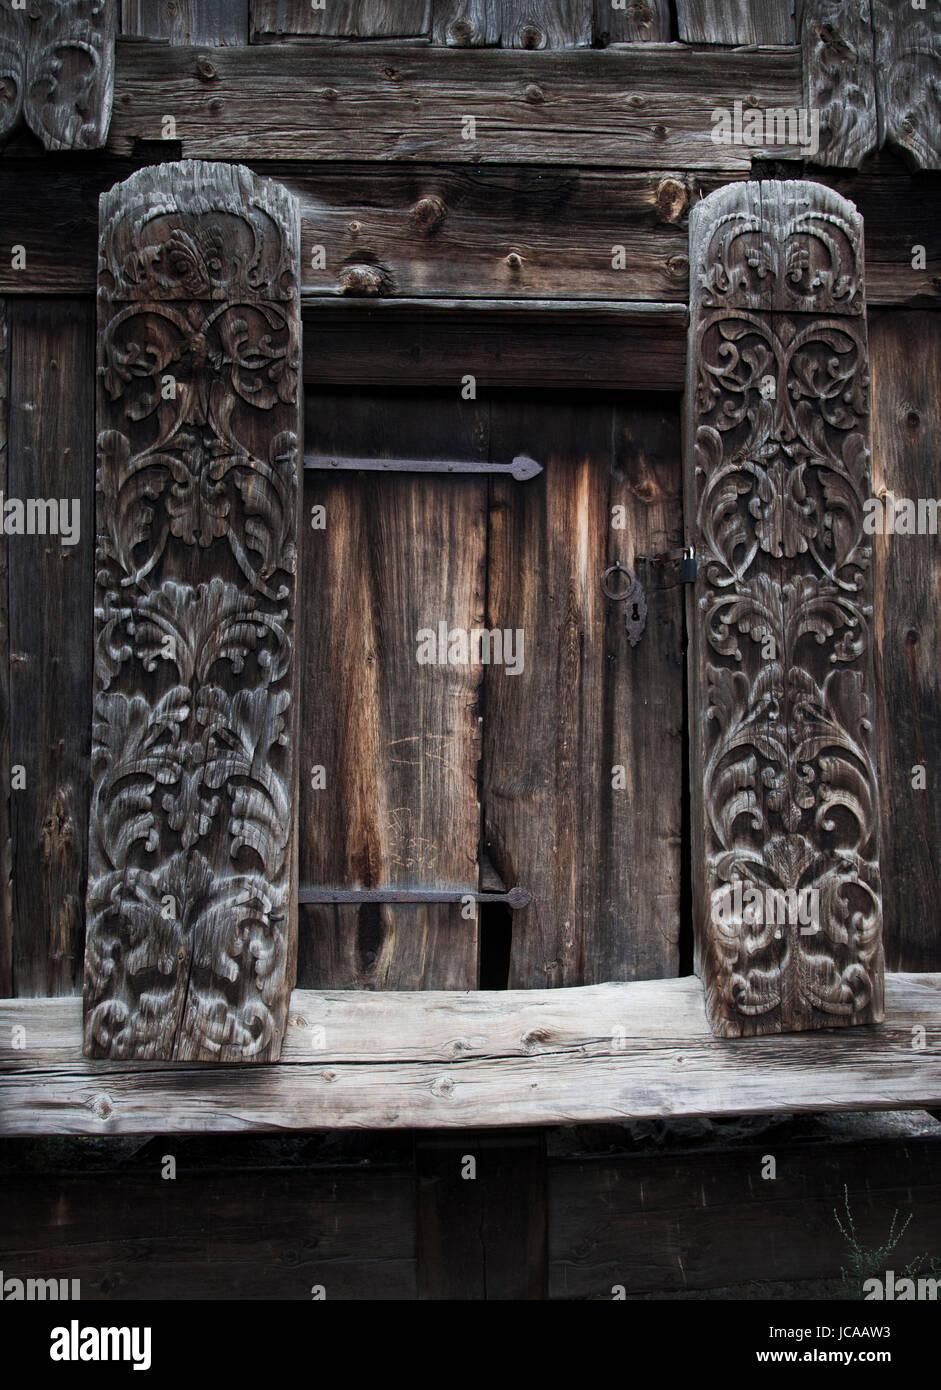 Carved wooden doorway at Skansen Open Air Museum, Stockholm, Sweden - Stock Image